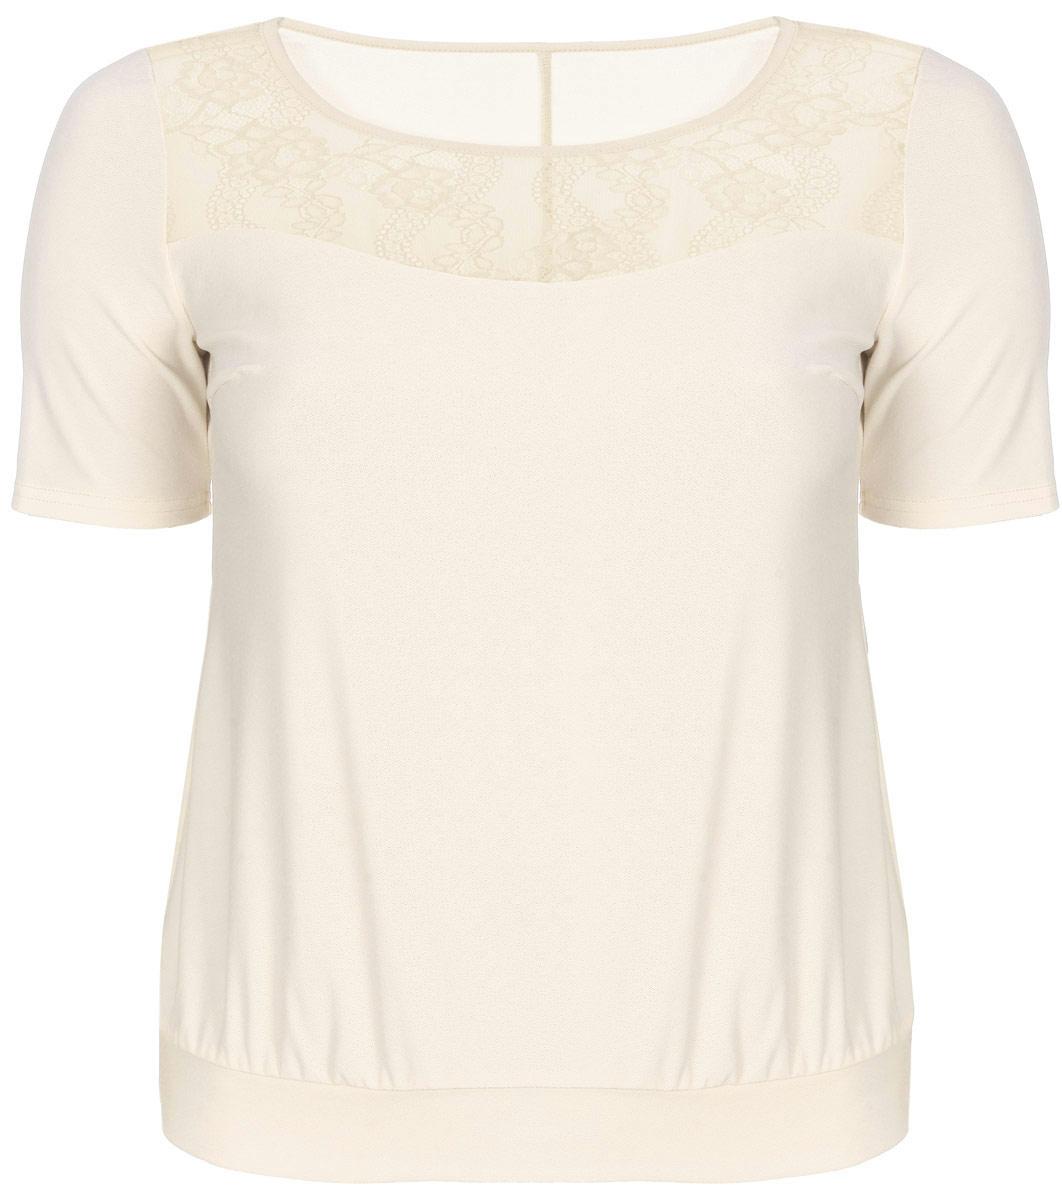 915мСтильная женская блузка Milana Style, выполненная из полиэстера с добавлением вискозы и лайкры, подчеркнет ваш уникальный стиль и поможет создать женственный образ. Модель с короткими рукавами и круглым вырезом горловины. Низ изделия обработан широкой манжетой. Спереди блуза дополнена ажурной вставкой. Такая блузка будет дарить вам комфорт в течение всего дня и послужит замечательным дополнением к вашему гардеробу.